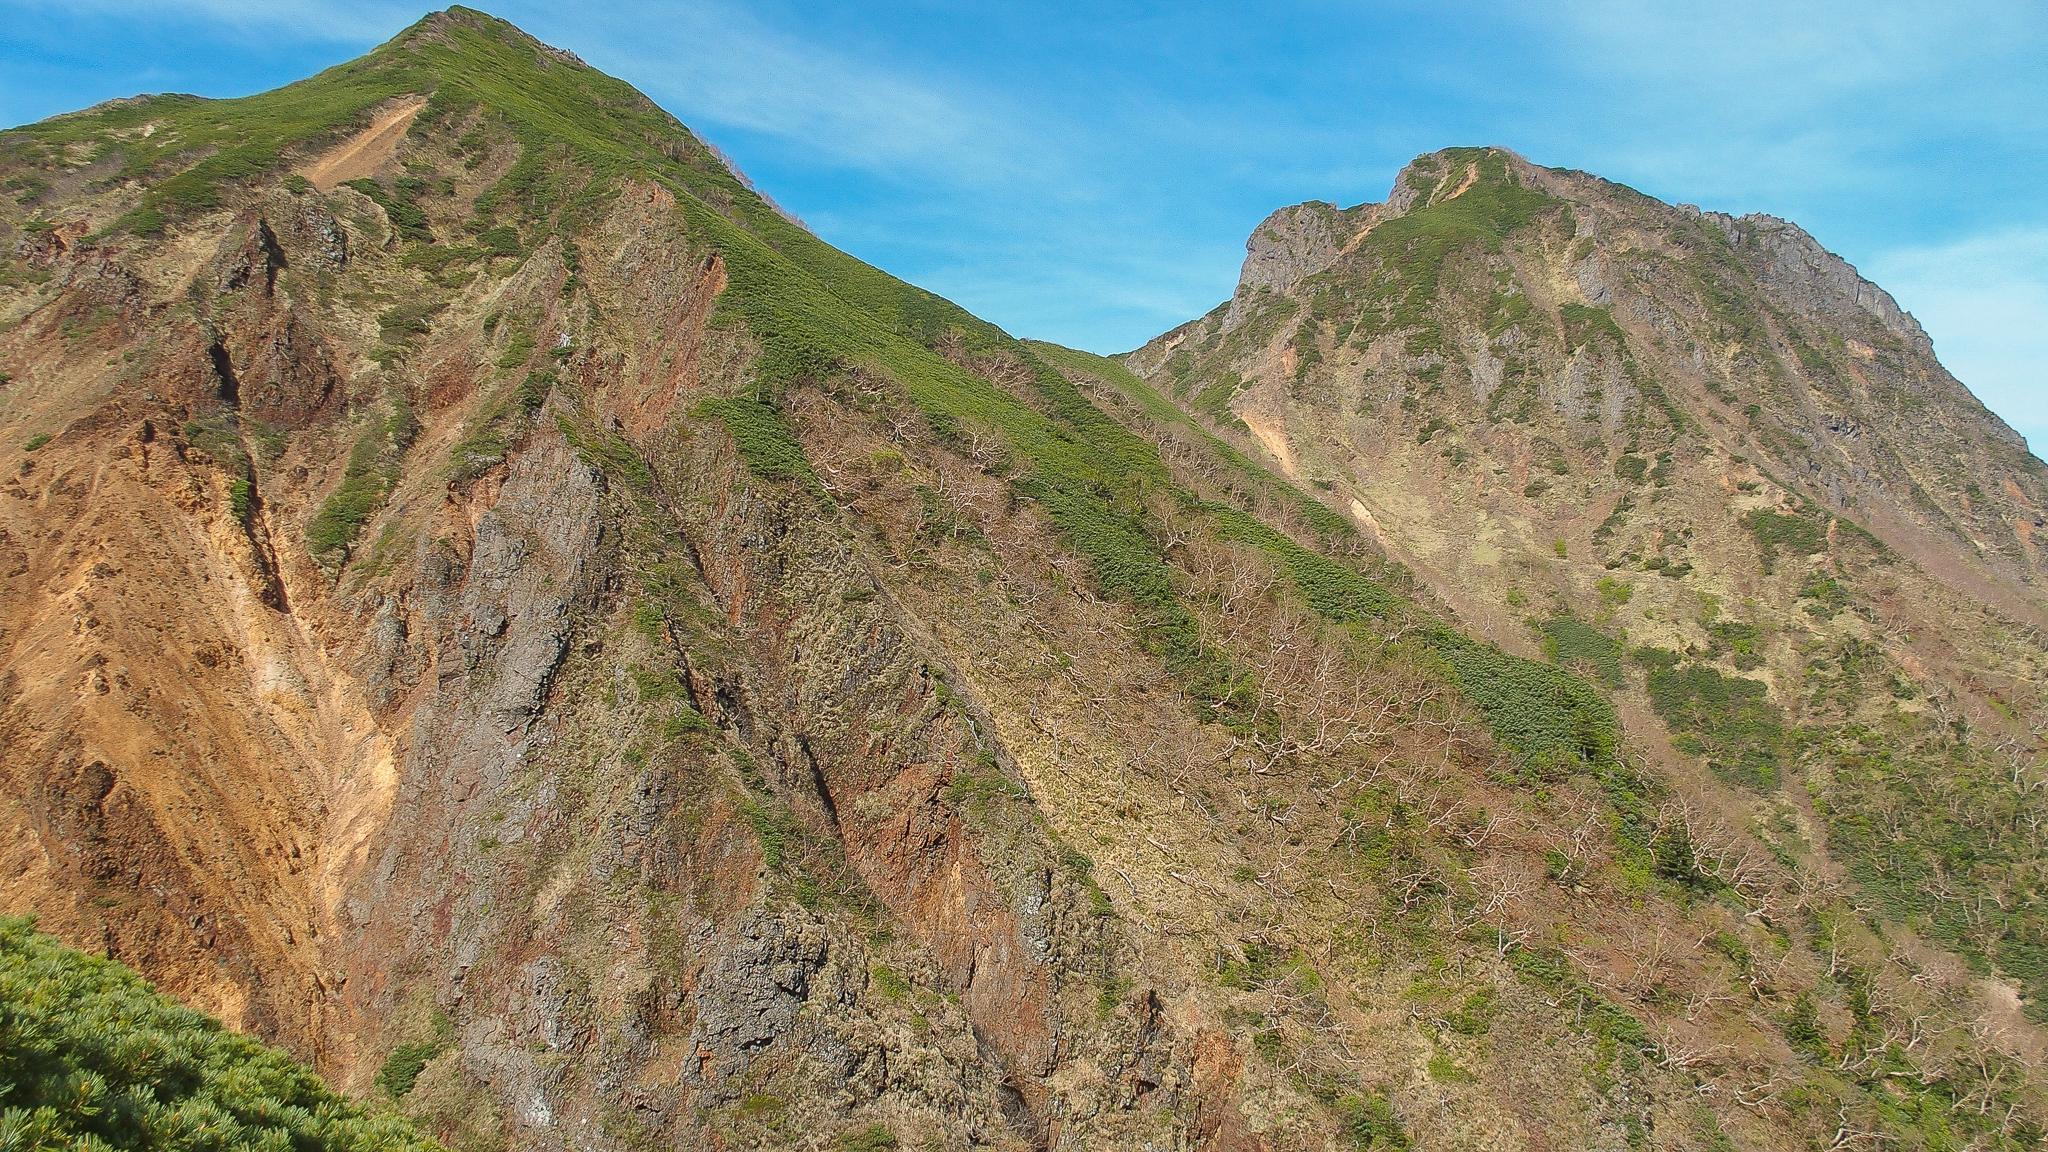 八ヶ岳(赤岳・横岳・硫黄岳)・文三郎尾根からの中岳、阿弥陀岳